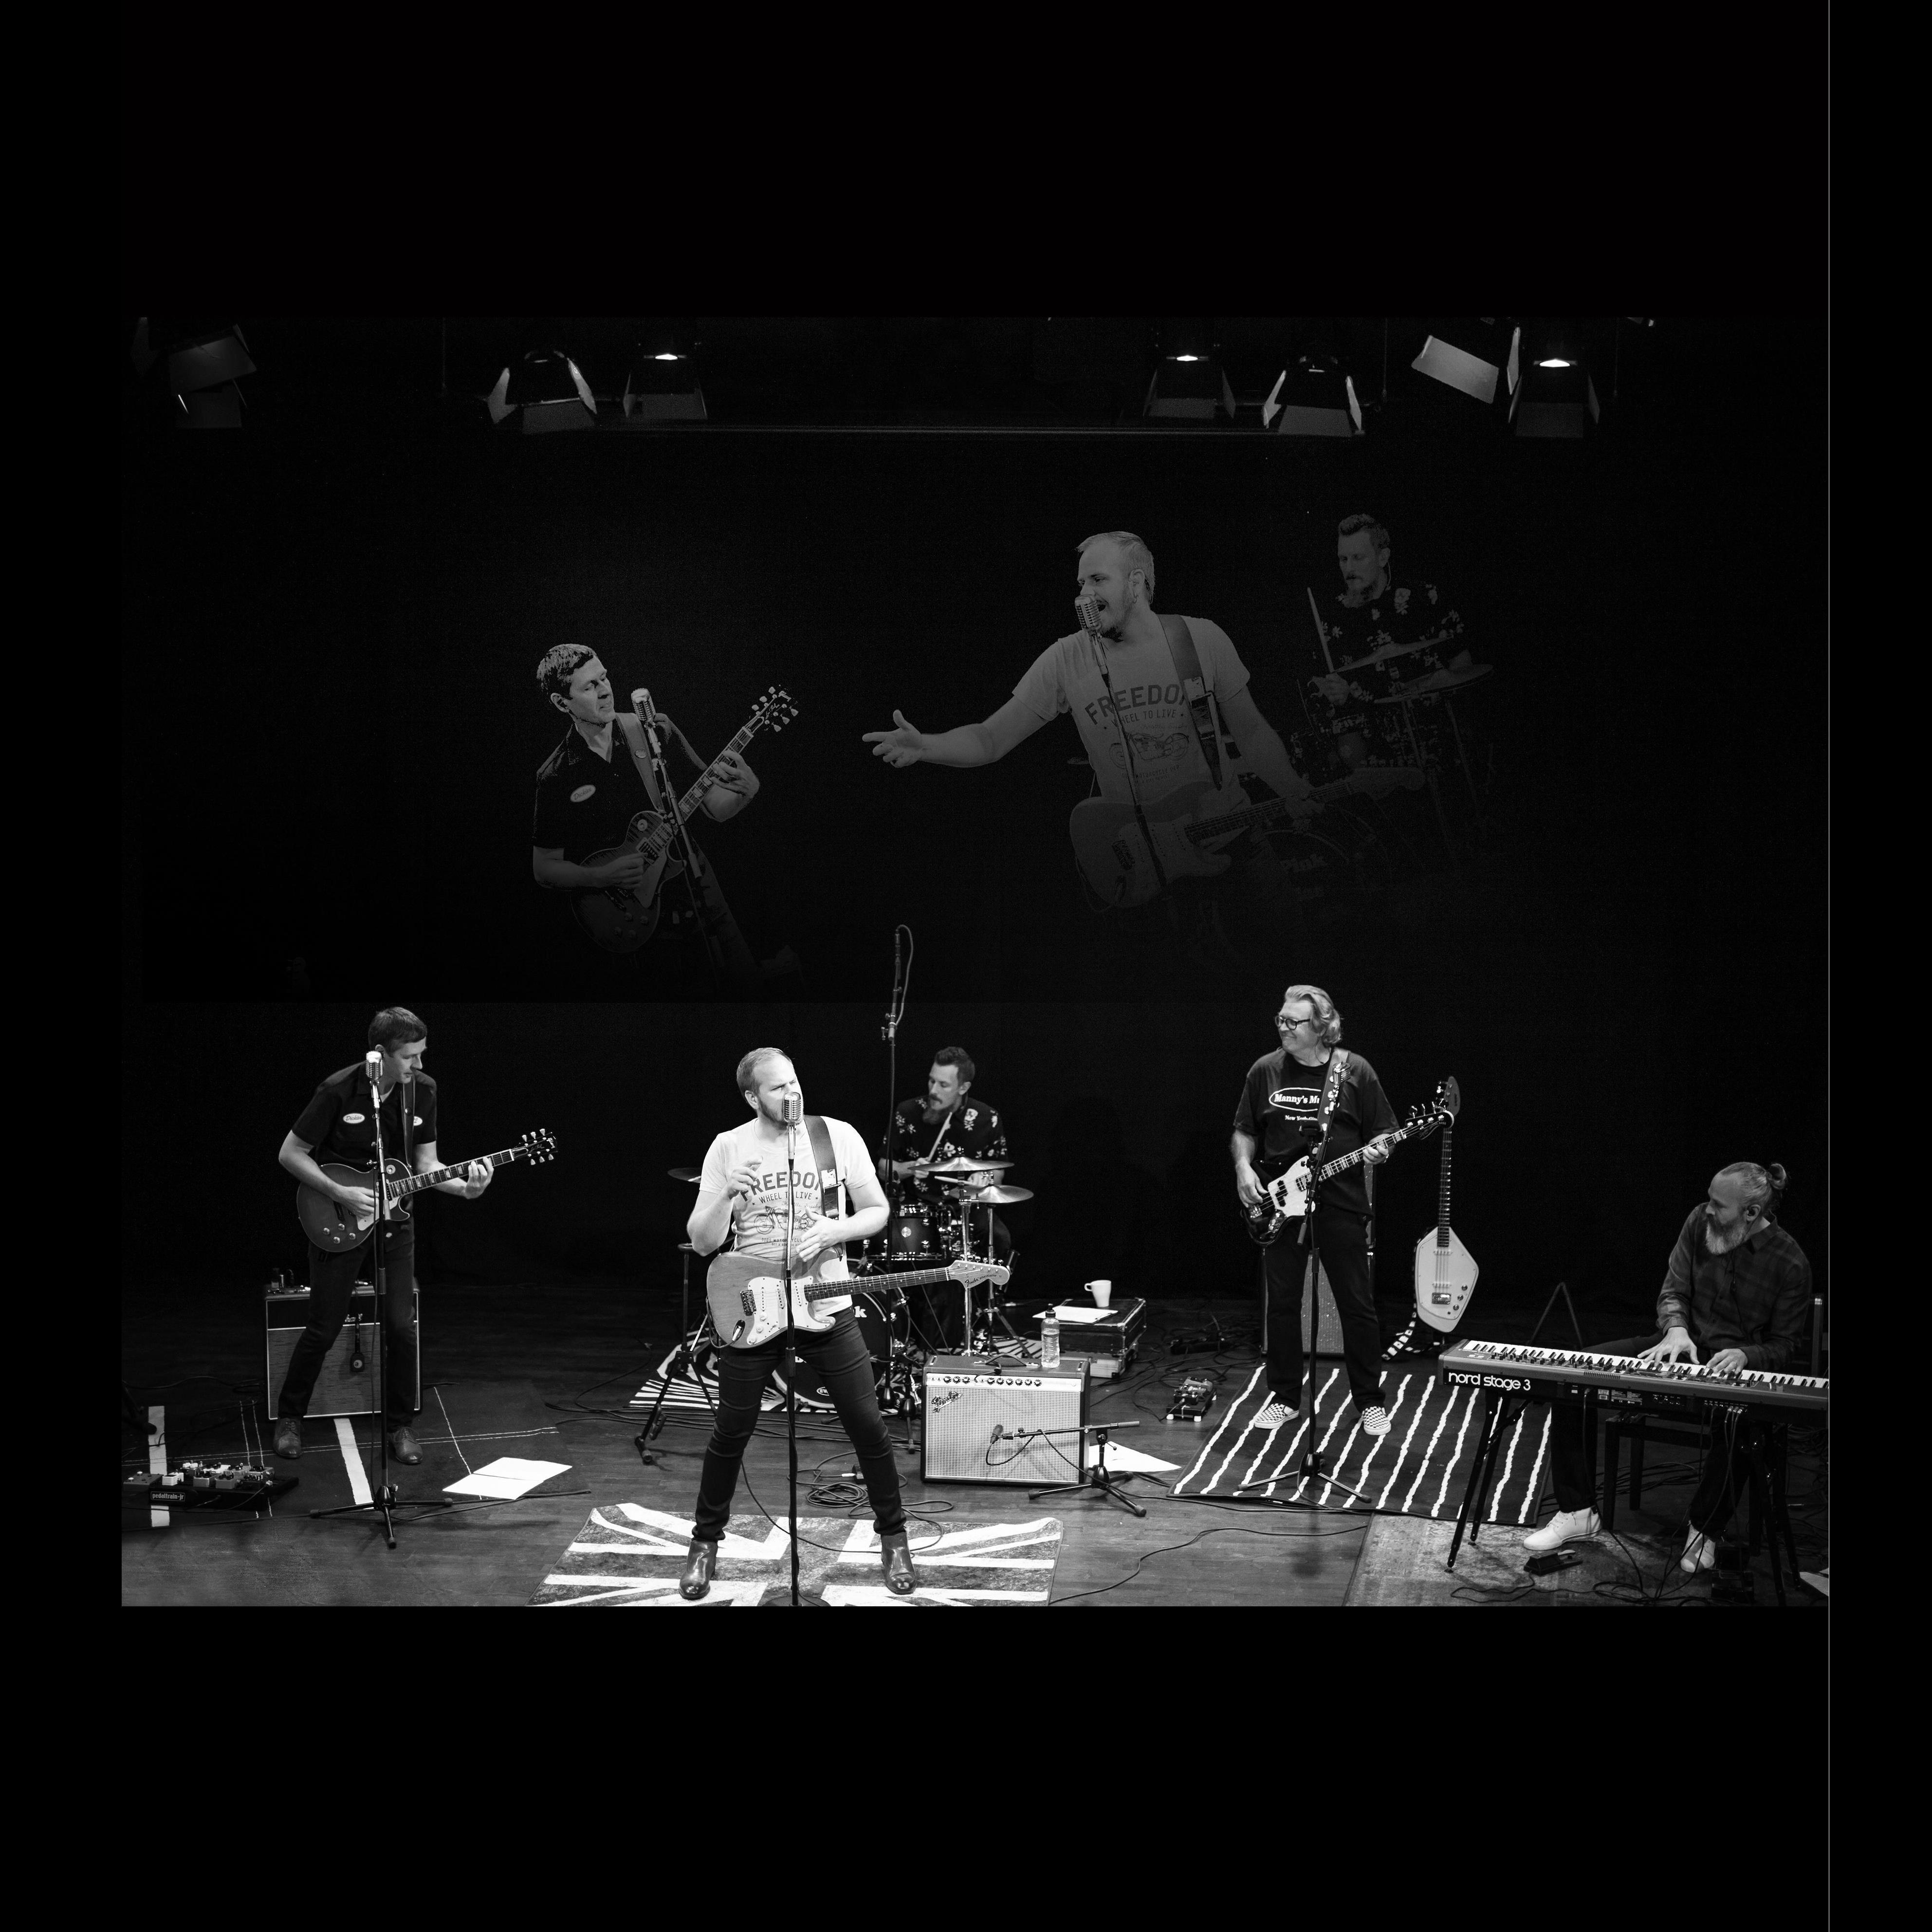 Andreas Jonsson & The Pink Cadillac Band